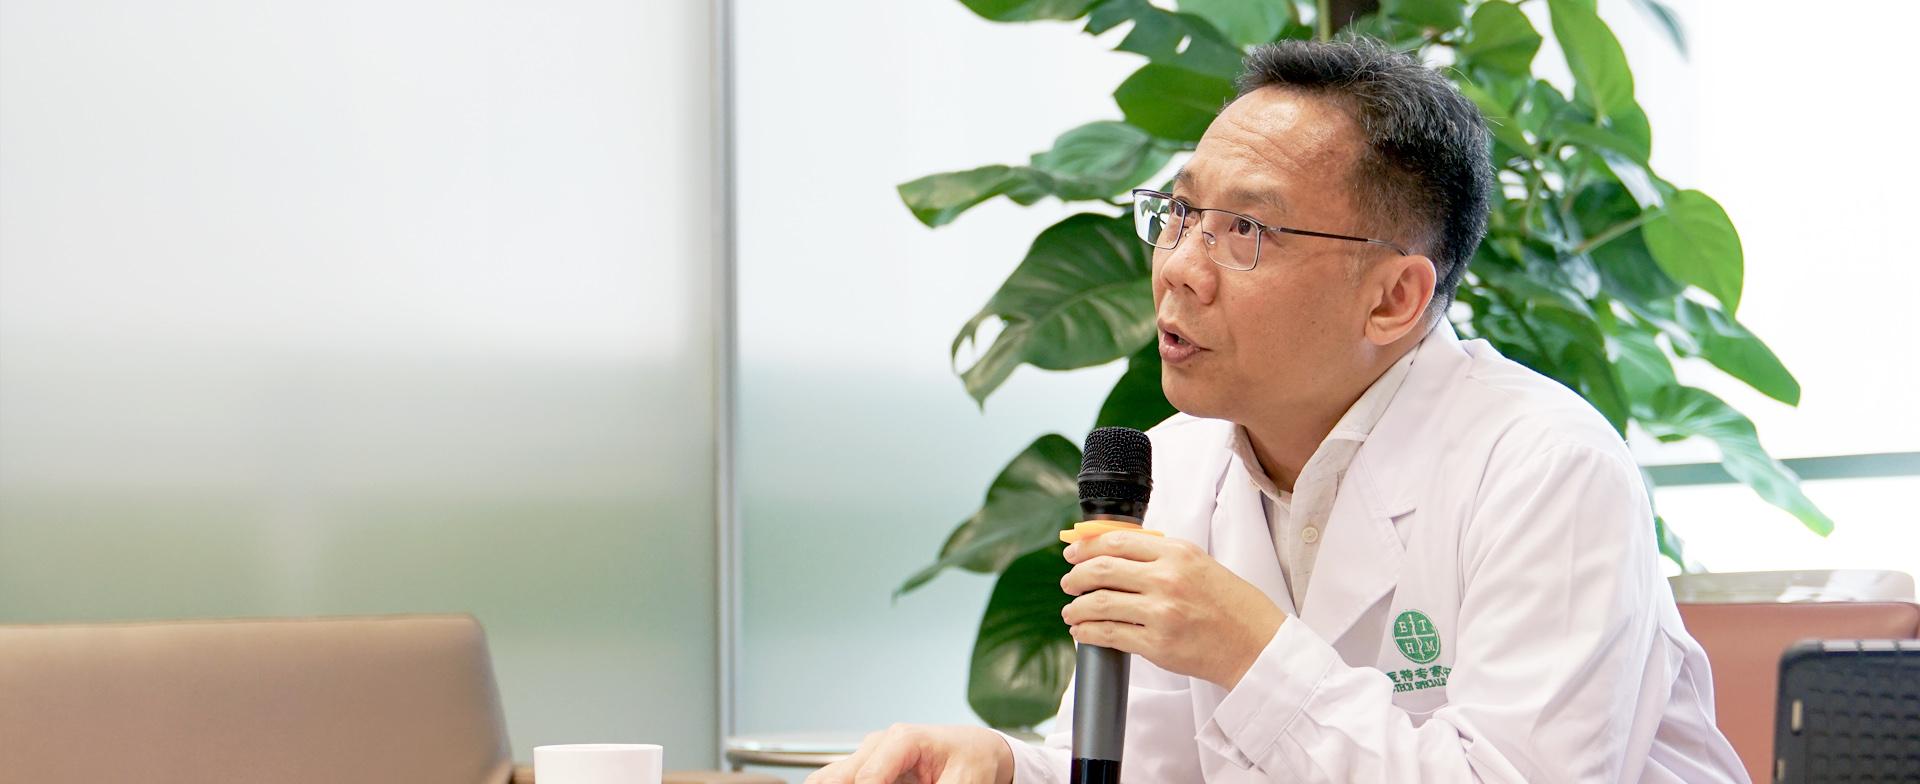 医特专家中心助力肇庆一院开通远程查房 市民家门口接受省级专家诊疗